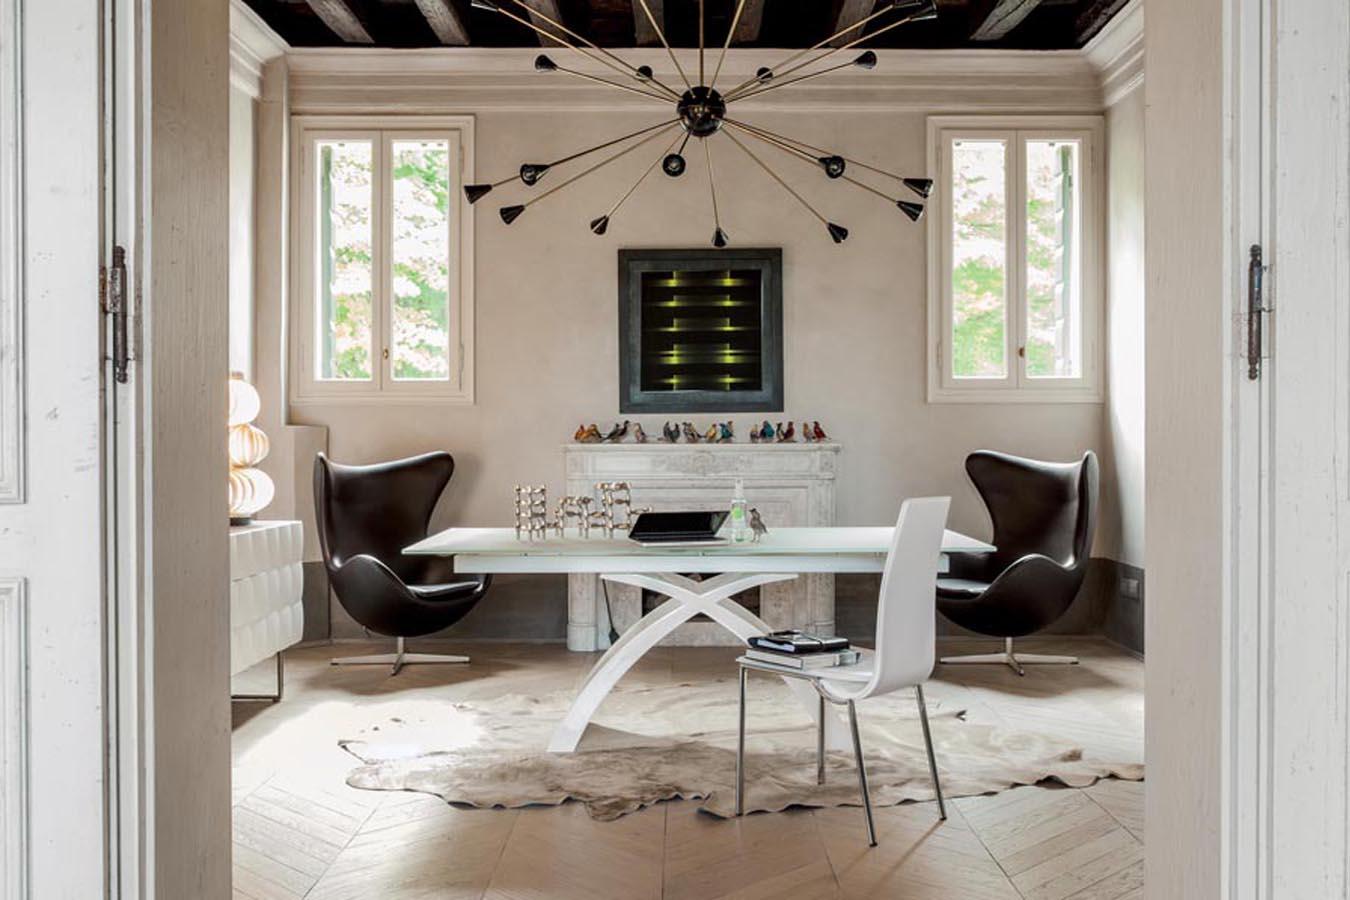 Tonin-casa-tavolo-Tokyo-moderno-design-rettangolare-legno-pranzo-soggiorno-arredamento-interni-mobili-righetti-novara